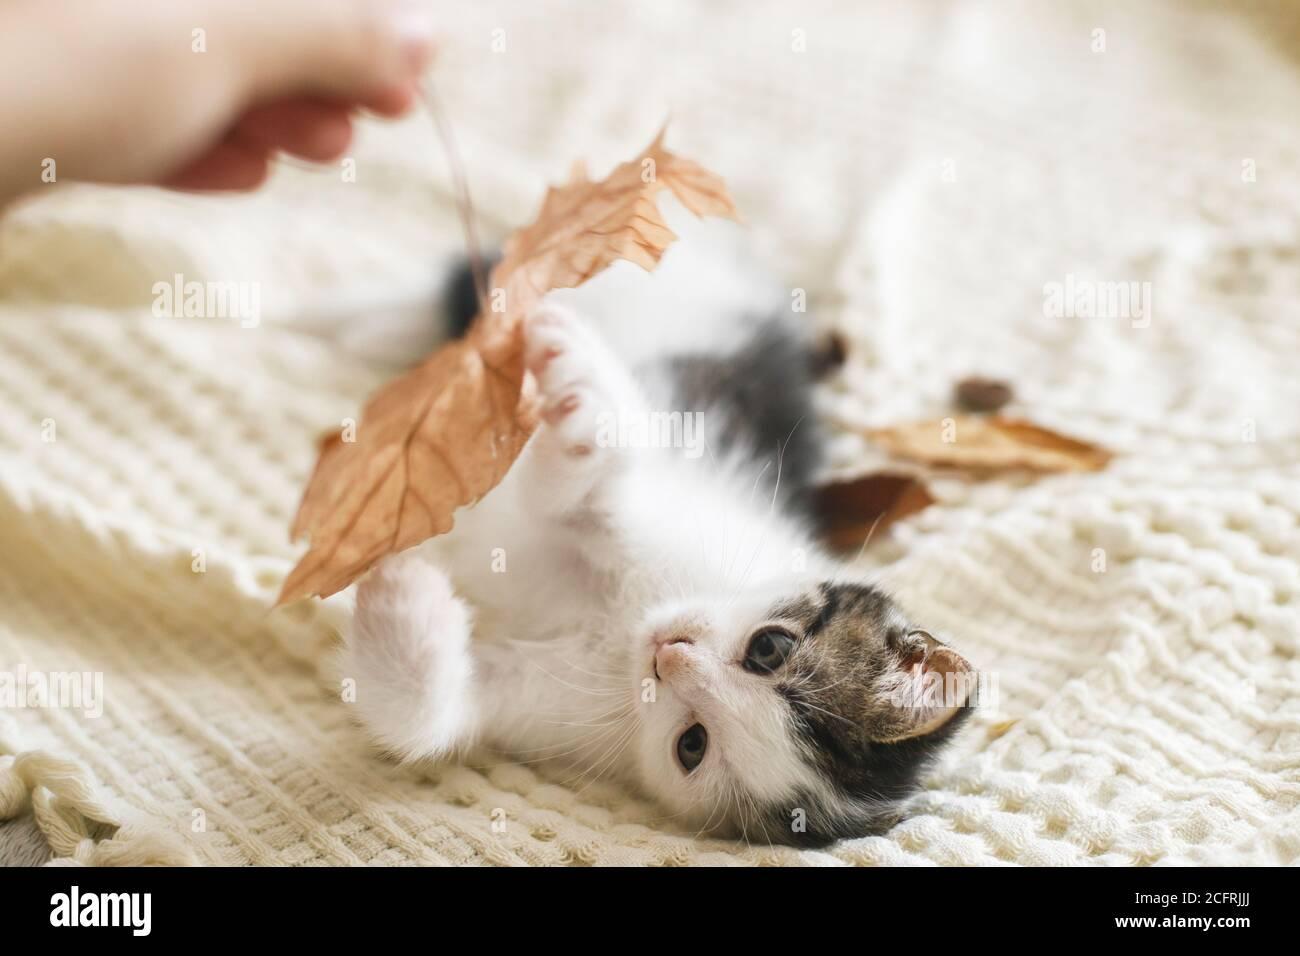 Adorable chaton jouant avec des feuilles d'automne sur une couverture souple. Main tenant la feuille d'automne et jouant avec un joli chaton blanc et gris sur le lit dans la chambre. Automne c Banque D'Images